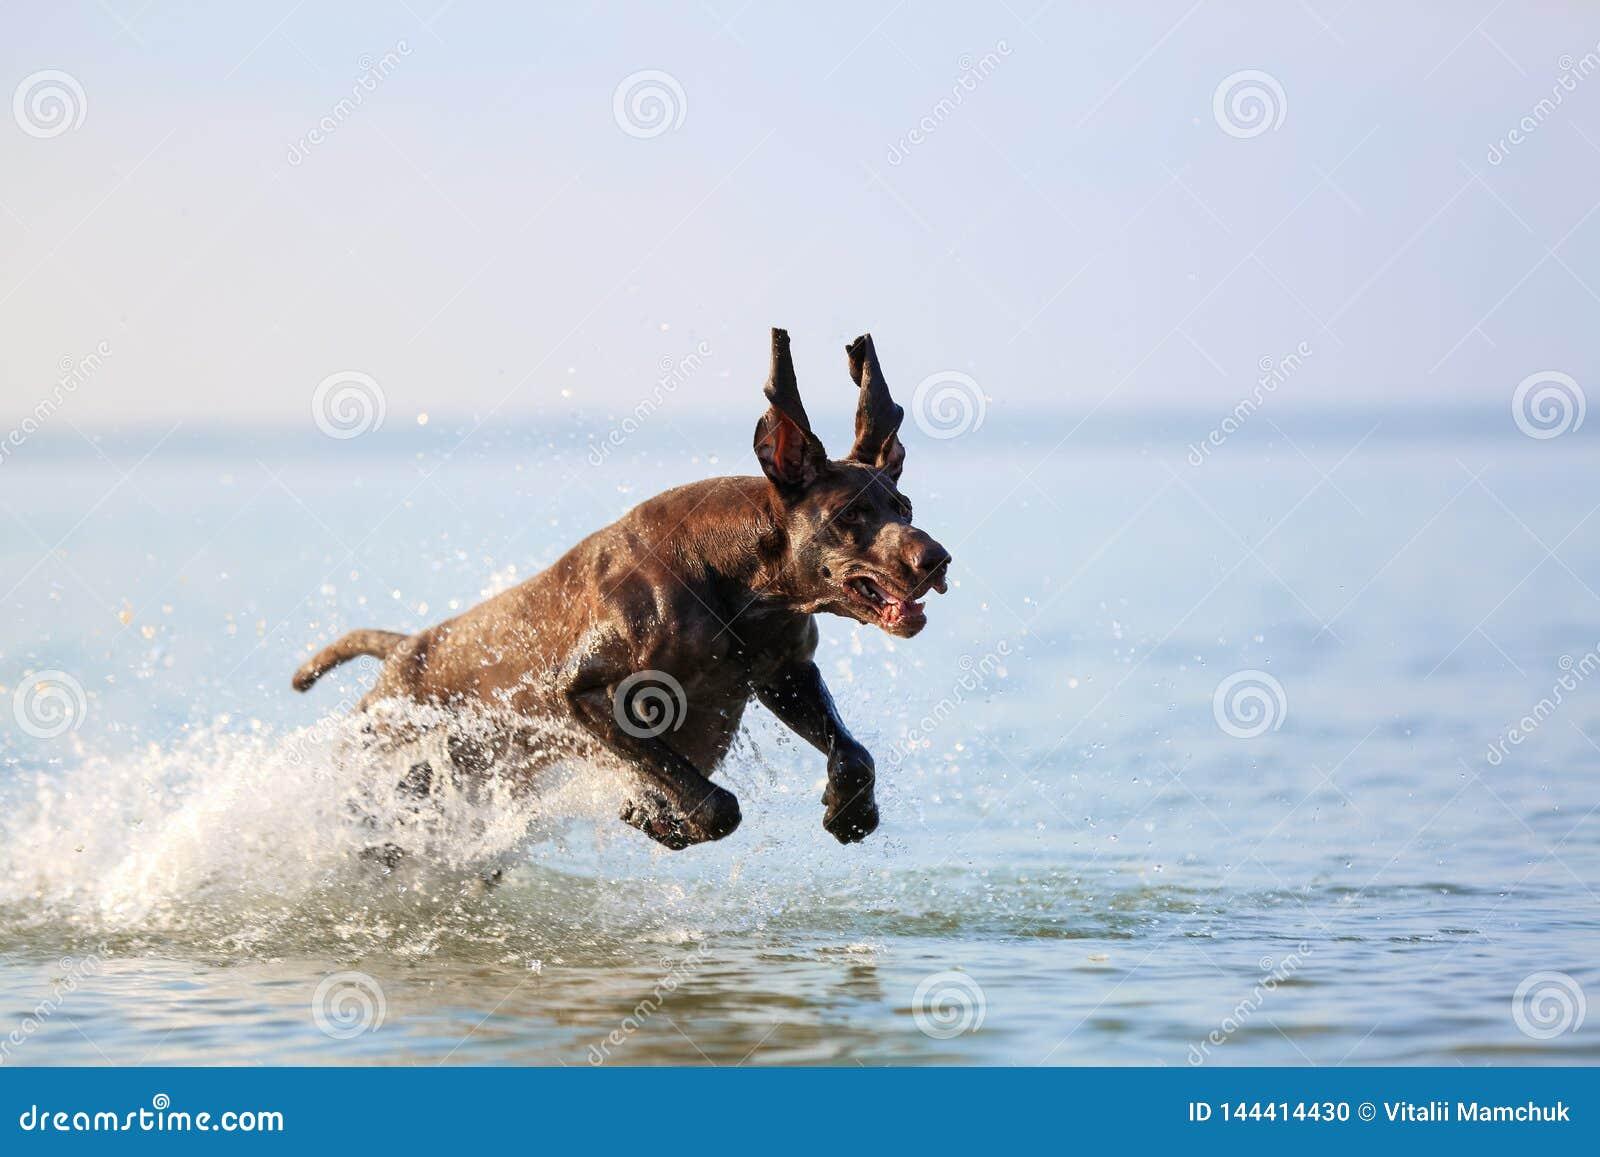 Retrato agradable del color alemán excelente del marrón del indicador de pelo corto del perro de búsqueda Oídos torcidos divertid